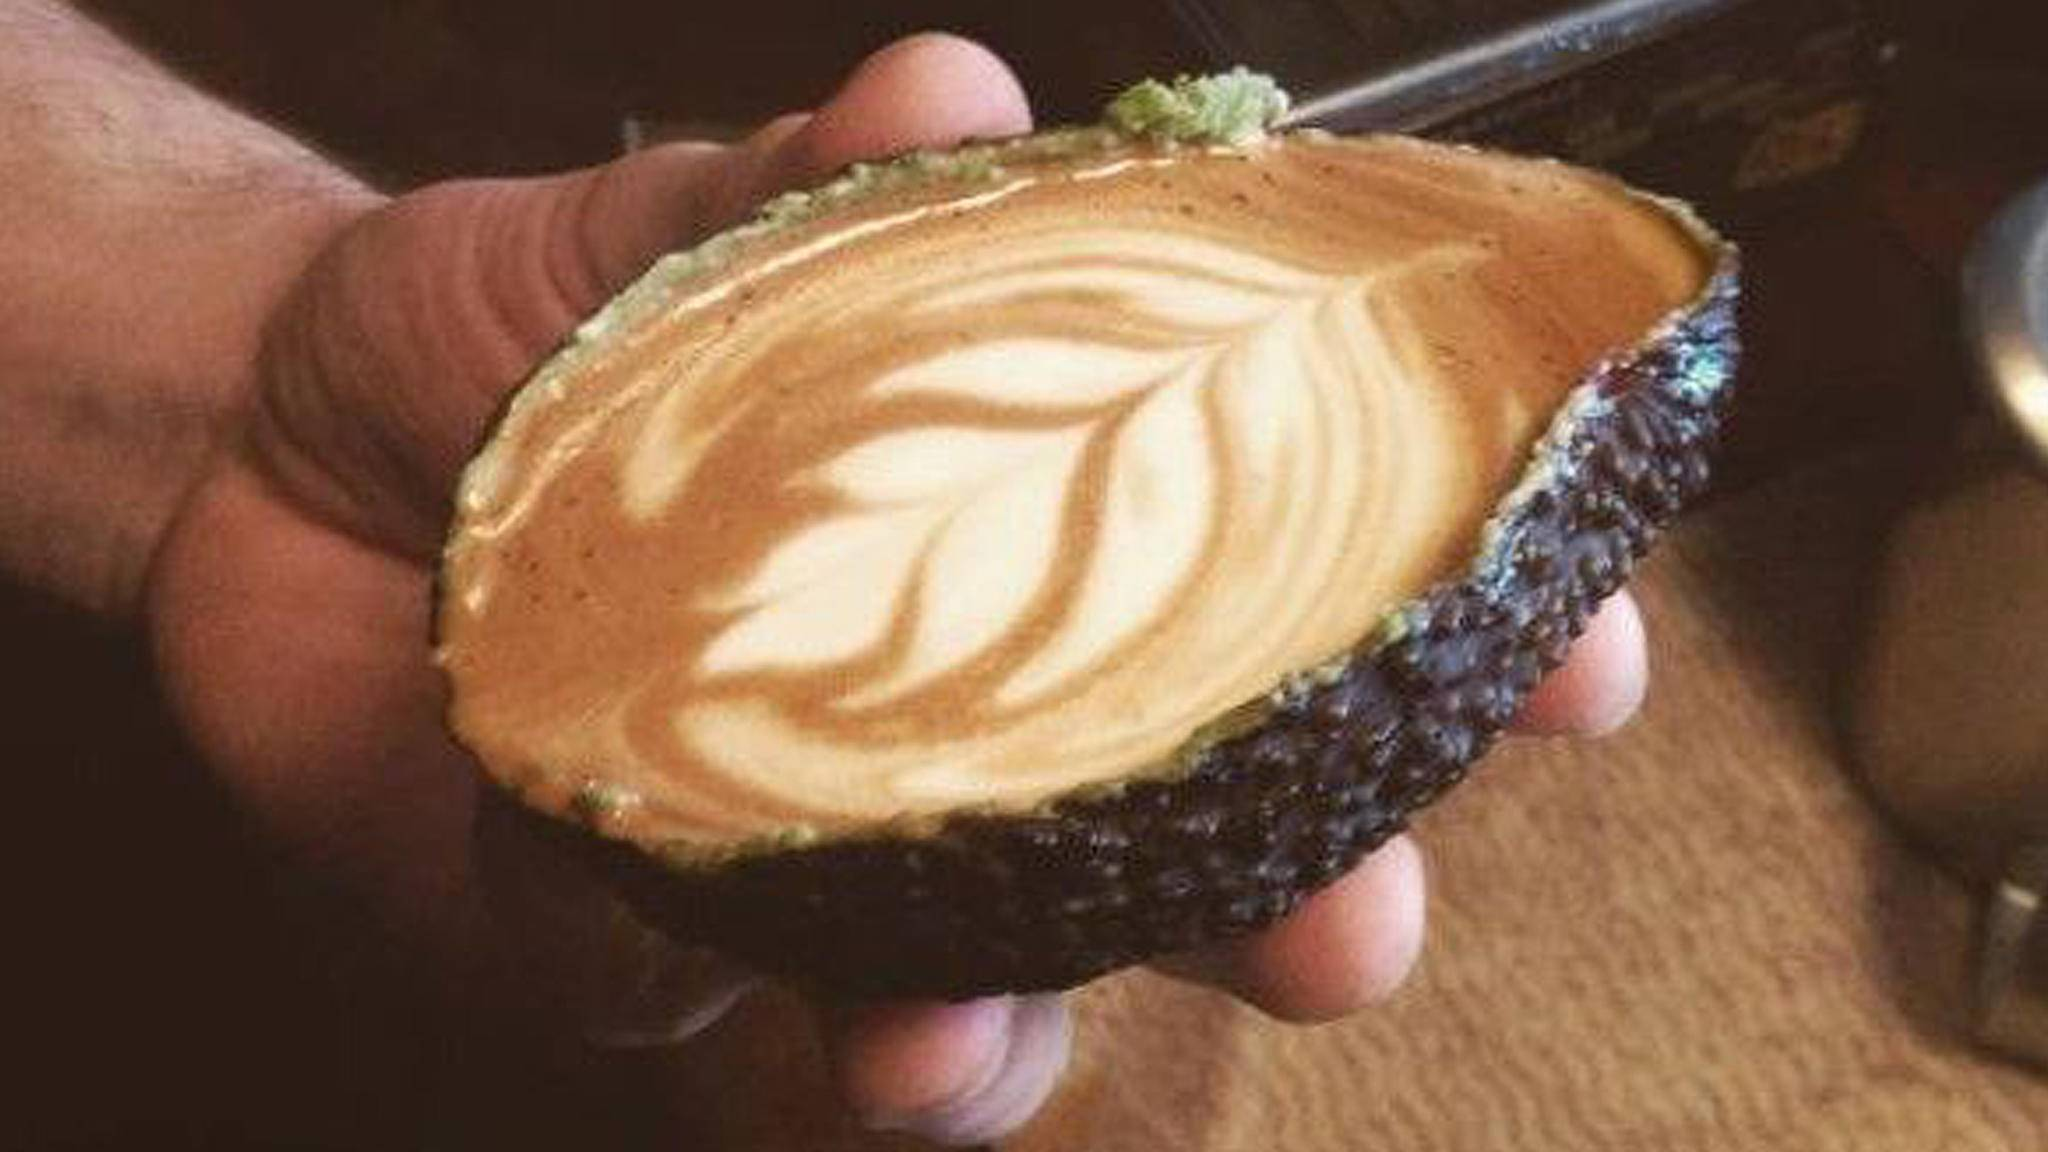 Jetzt spinnen sie total!: Hier trinken Hipster ihren Kaffee aus der Avocado